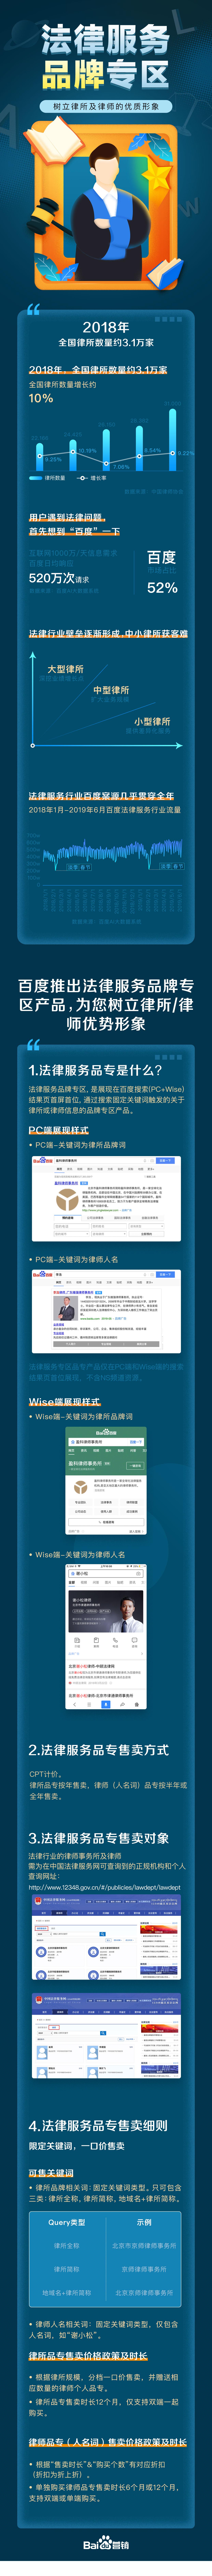 法律服务品牌专区-8.jpg